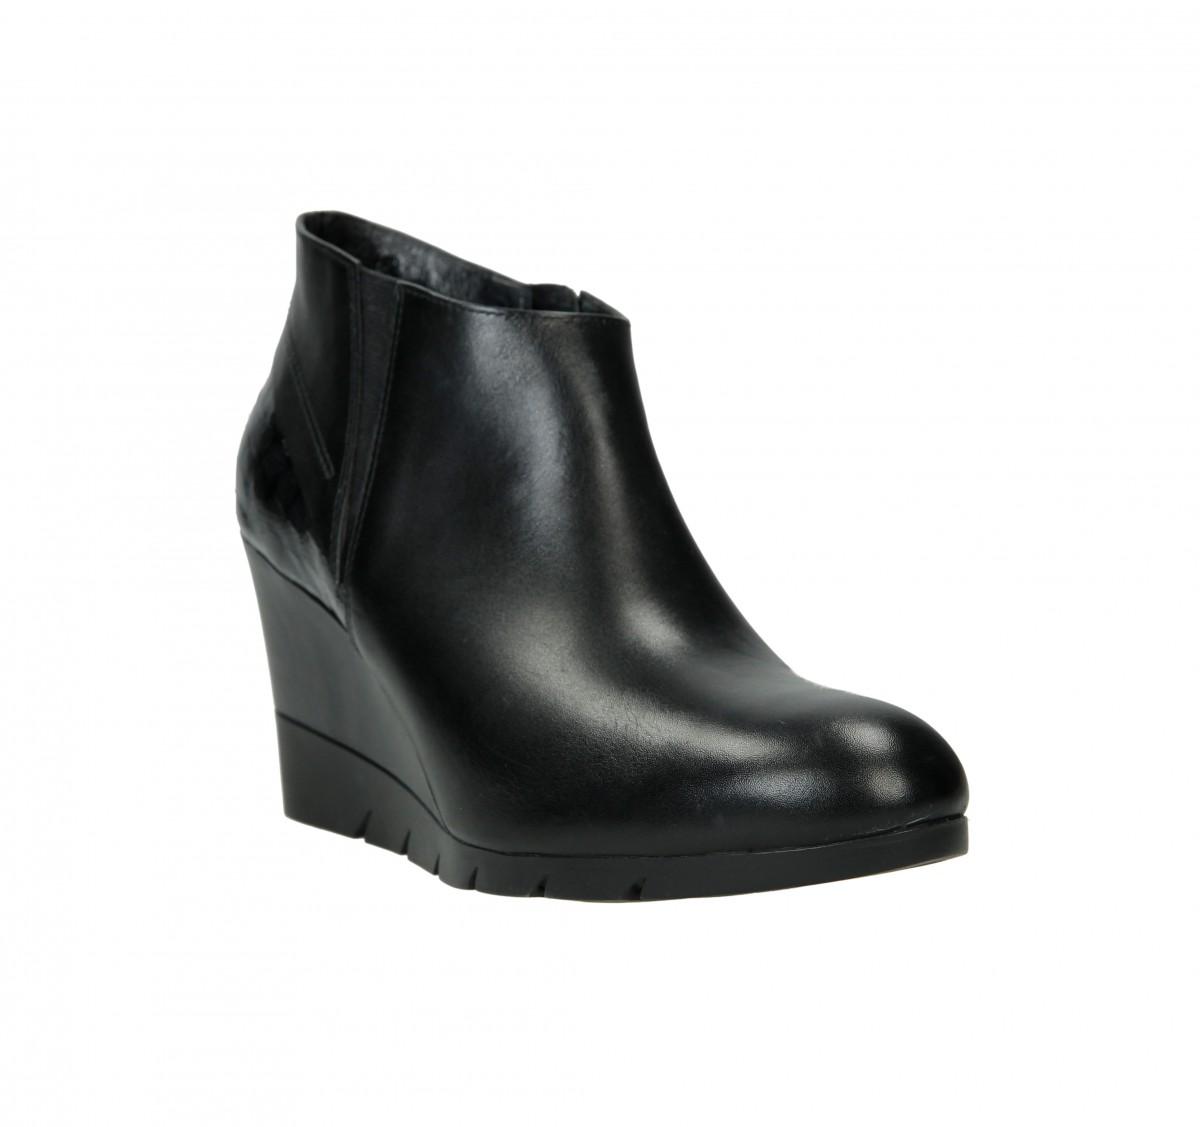 Dámská business obuv značky But s se pohybuje s cenou mezi 1500 a 2000 Kč